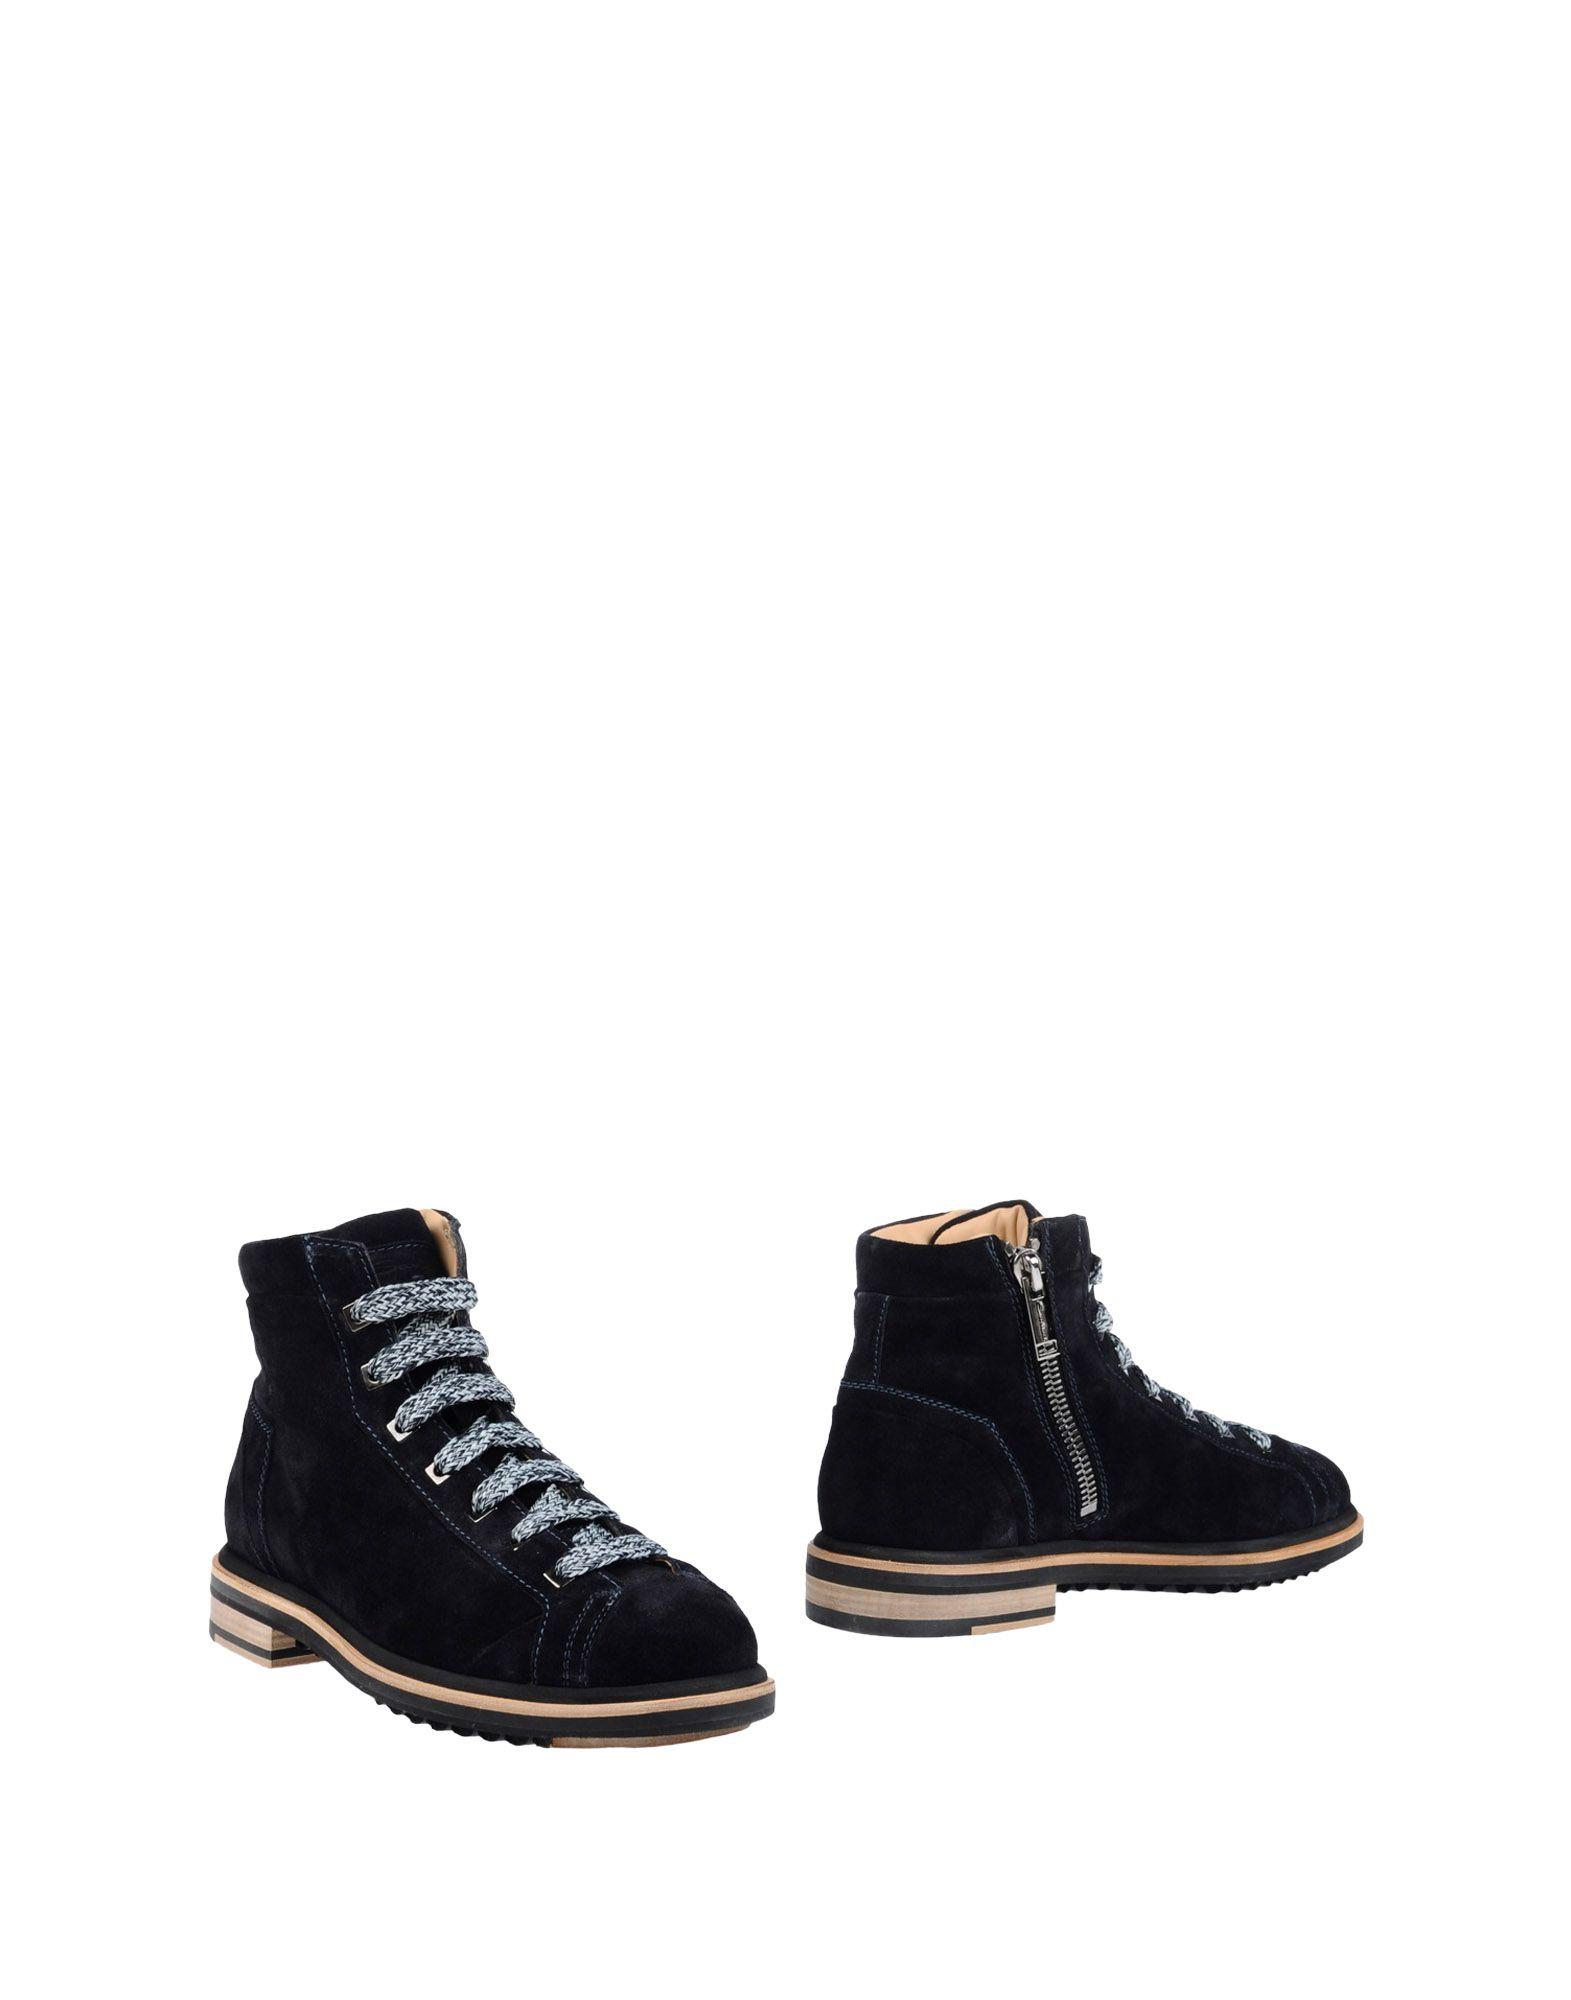 Santoni Stiefelette Herren  11262525SH Gute Qualität beliebte Schuhe